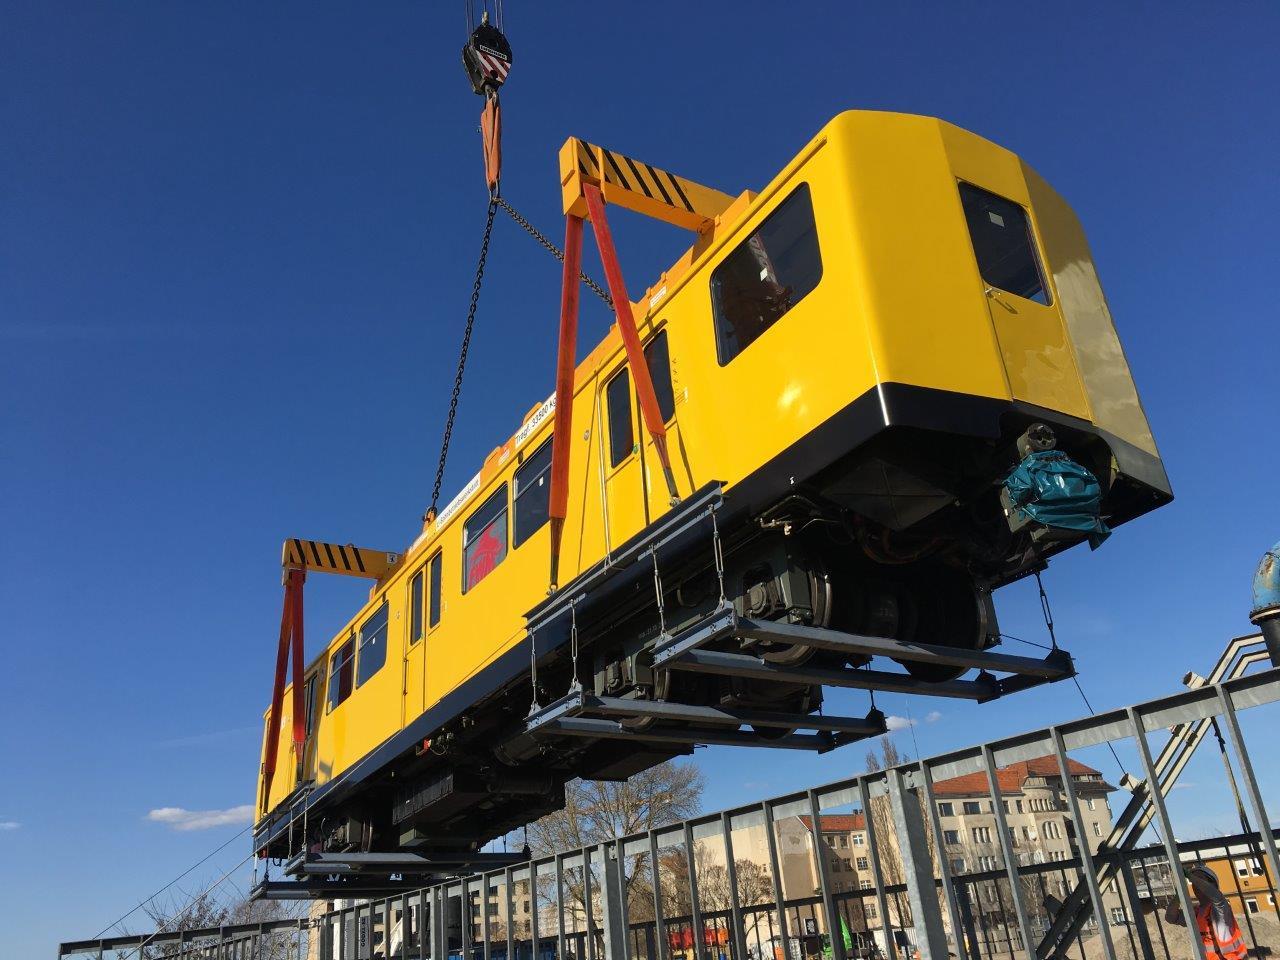 Vagóny metra musejí být spuštěny do otevřené části tunelu jednotlivě pomocí speciálního jeřábu. (foto:Markus Jurziczek)